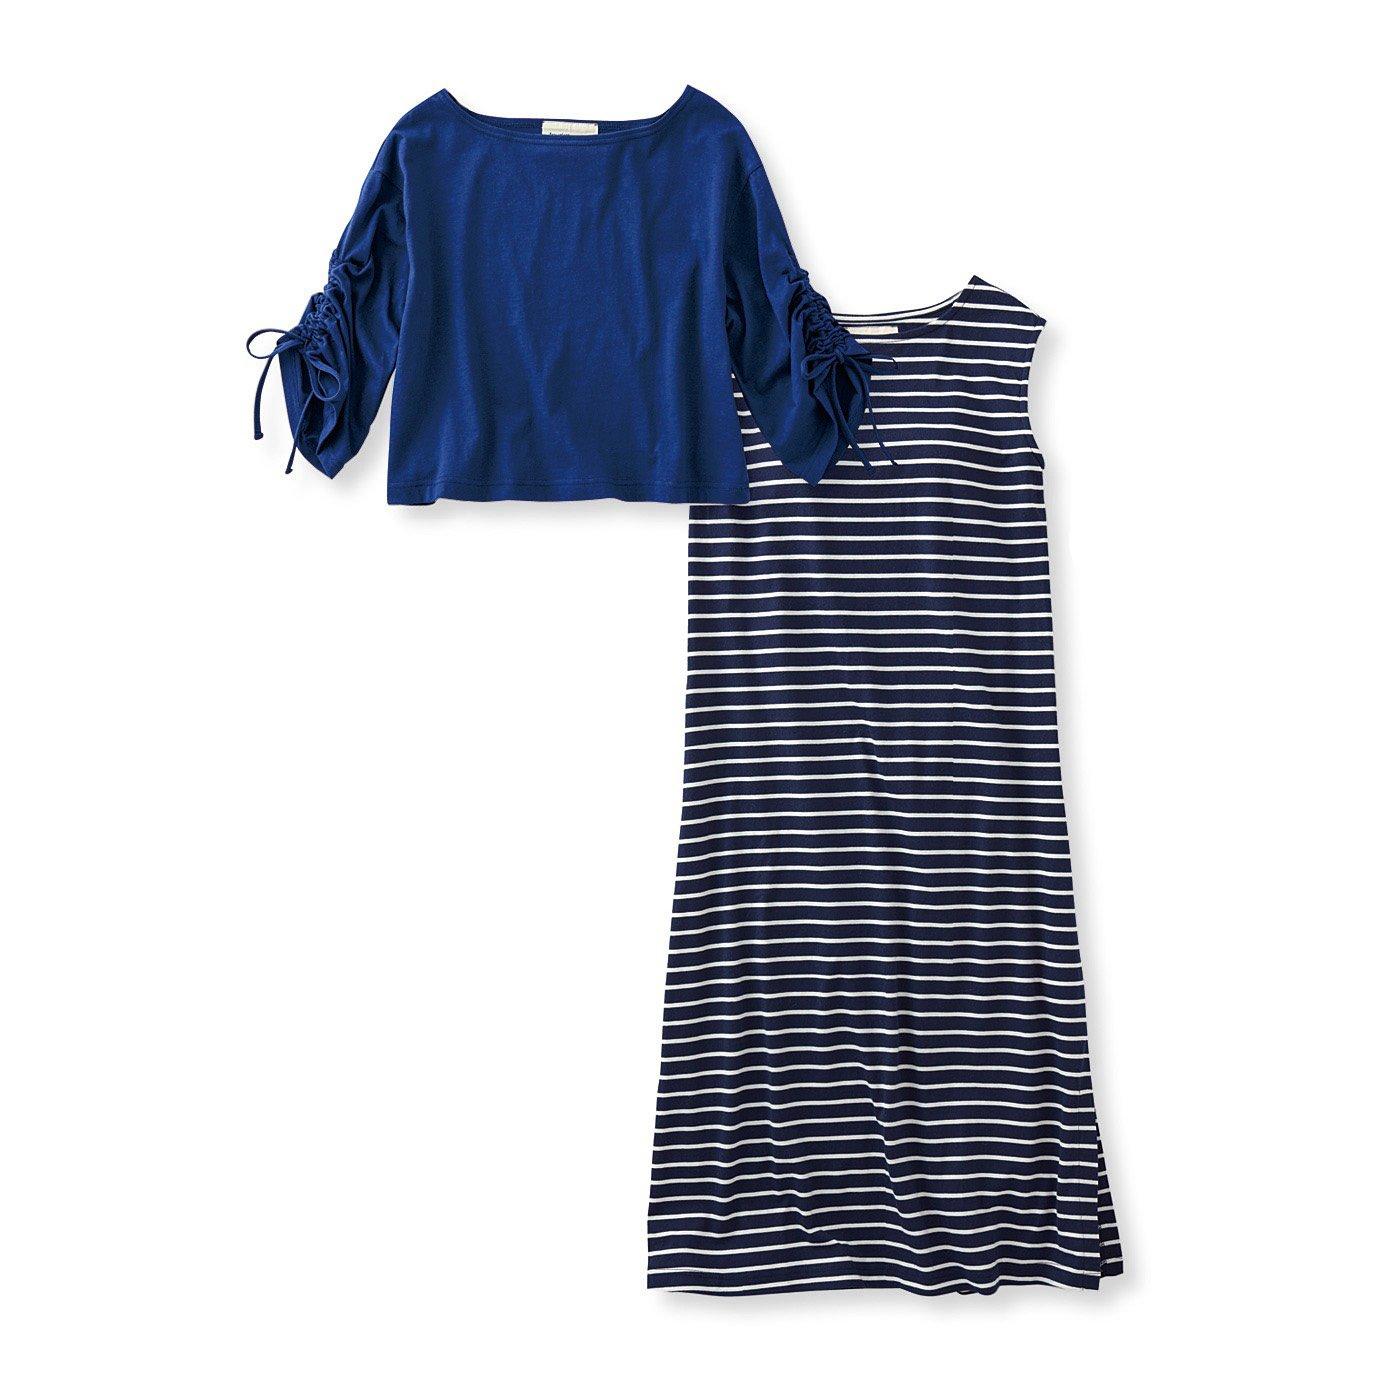 フラウグラット インナーメッシュでさわやか ブラカップ付きロングワンピ&七分袖Tシャツセット〈ネイビー〉